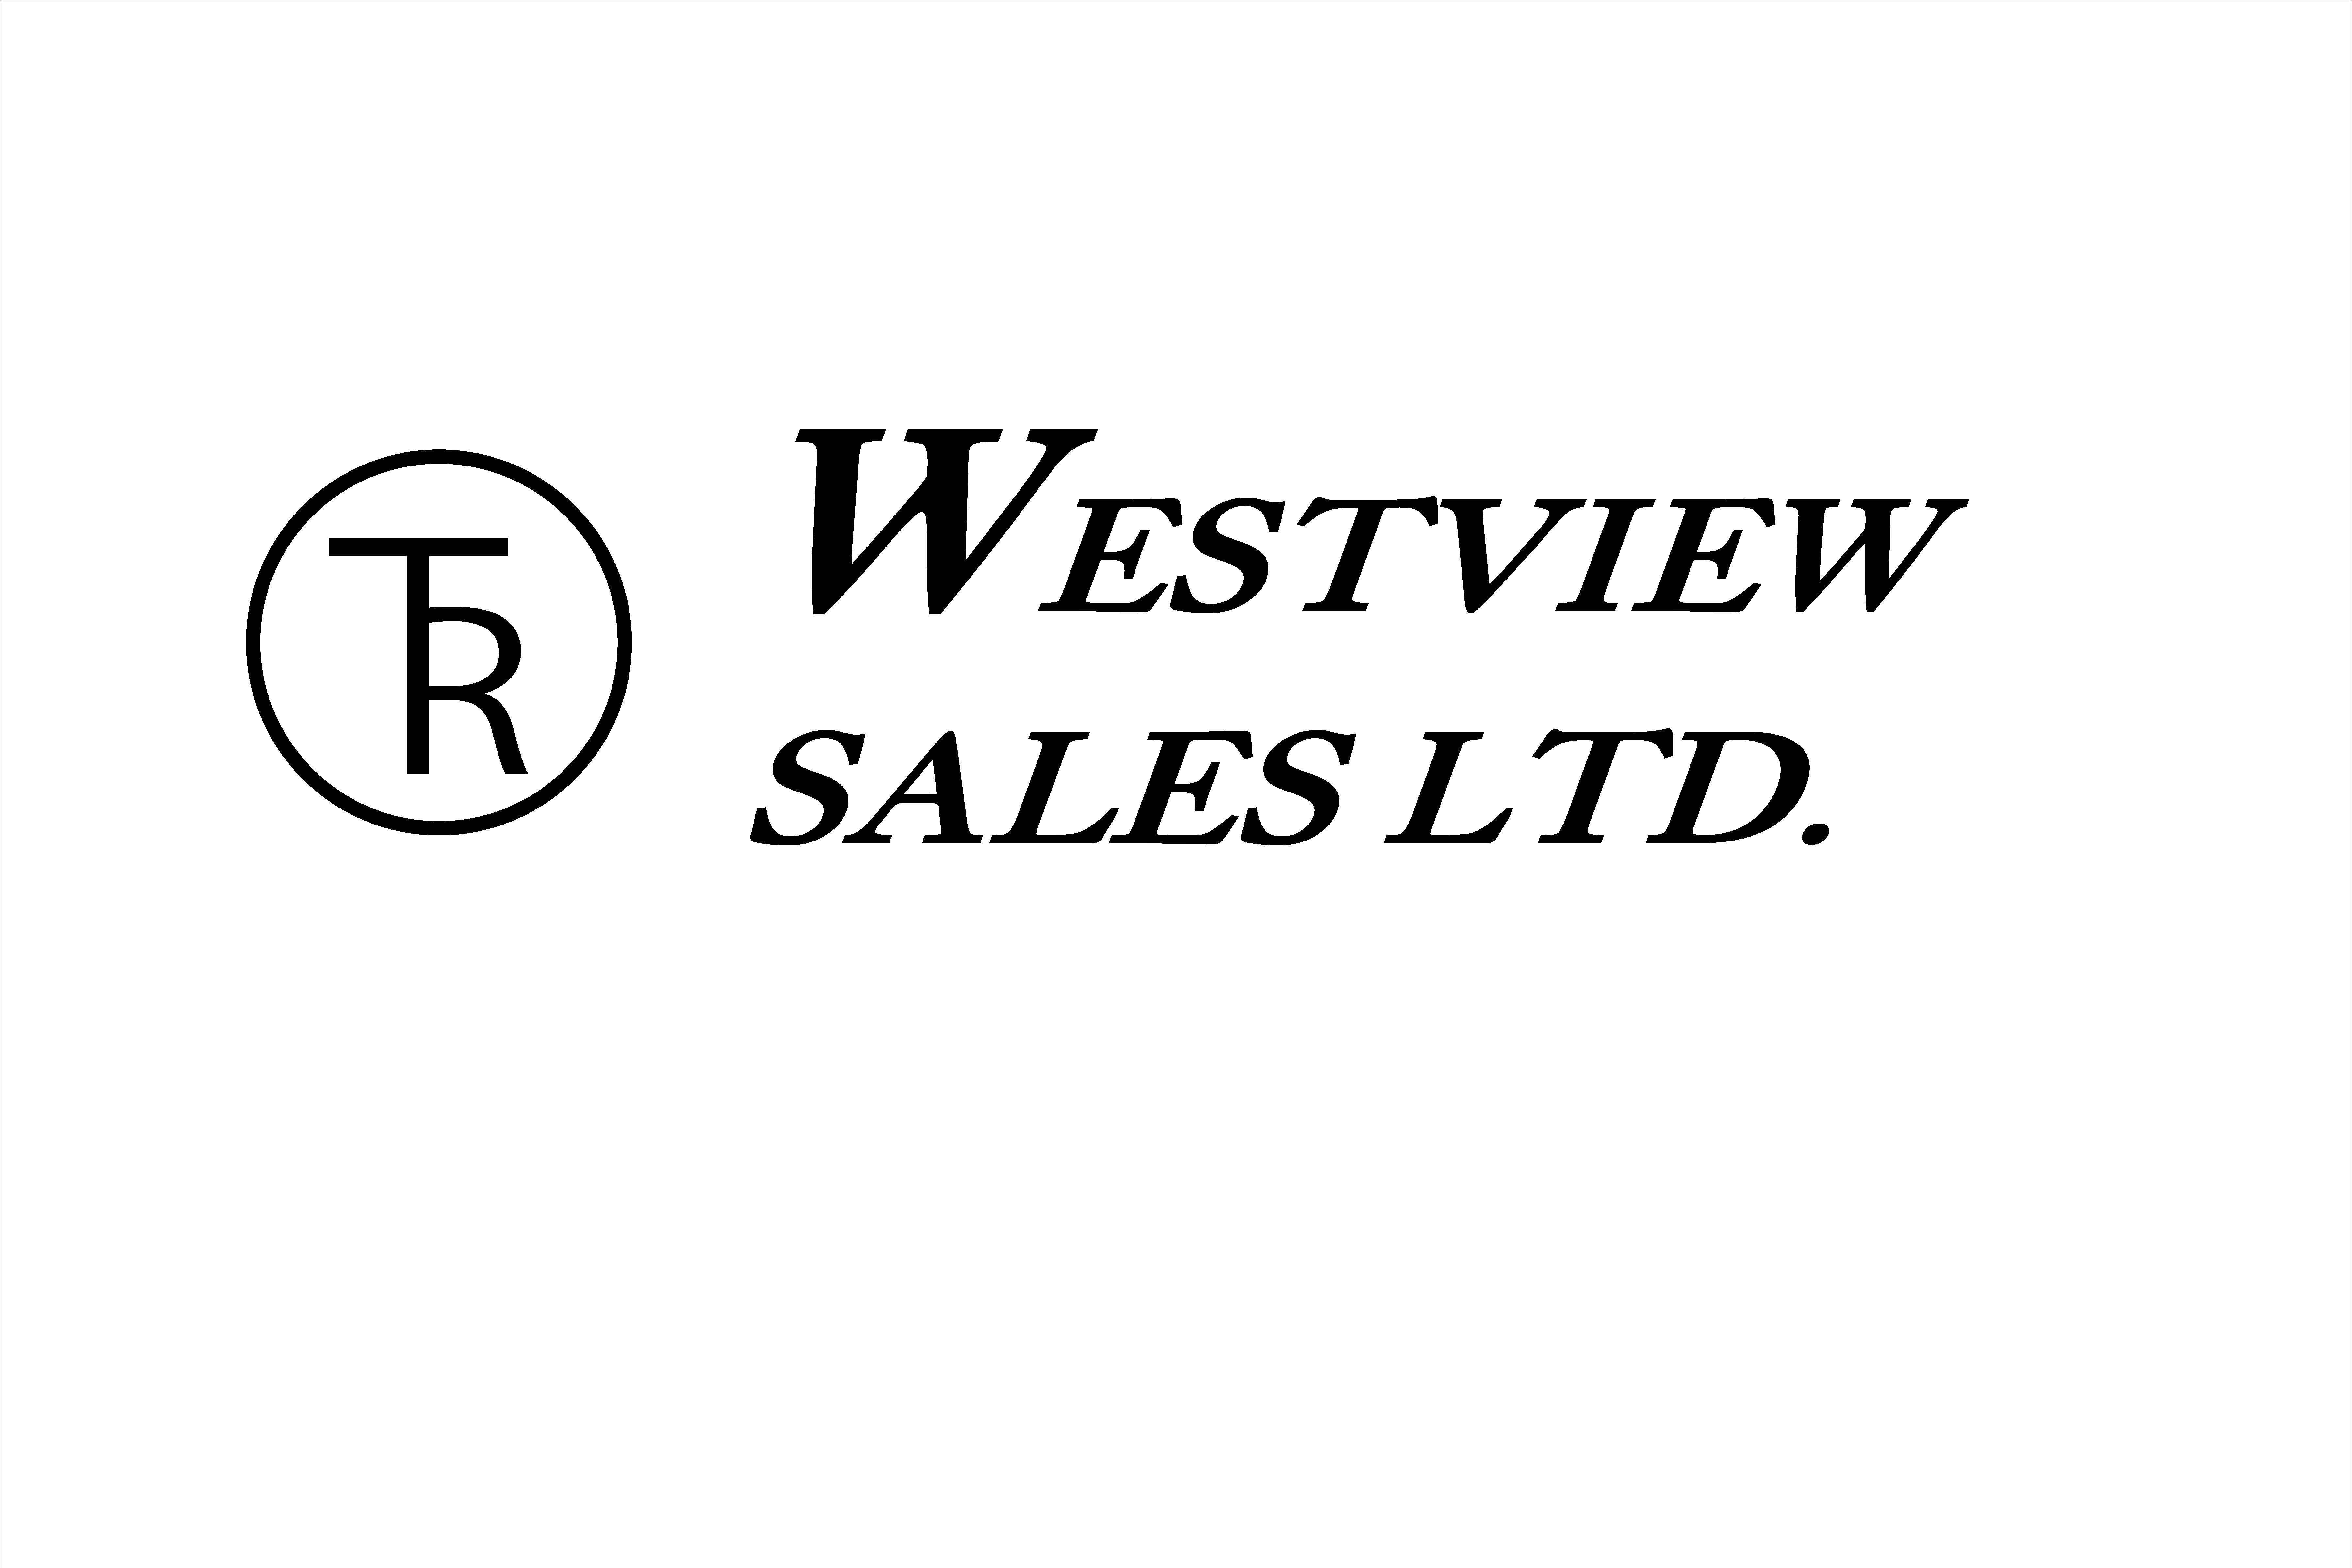 Westview Sales Ltd